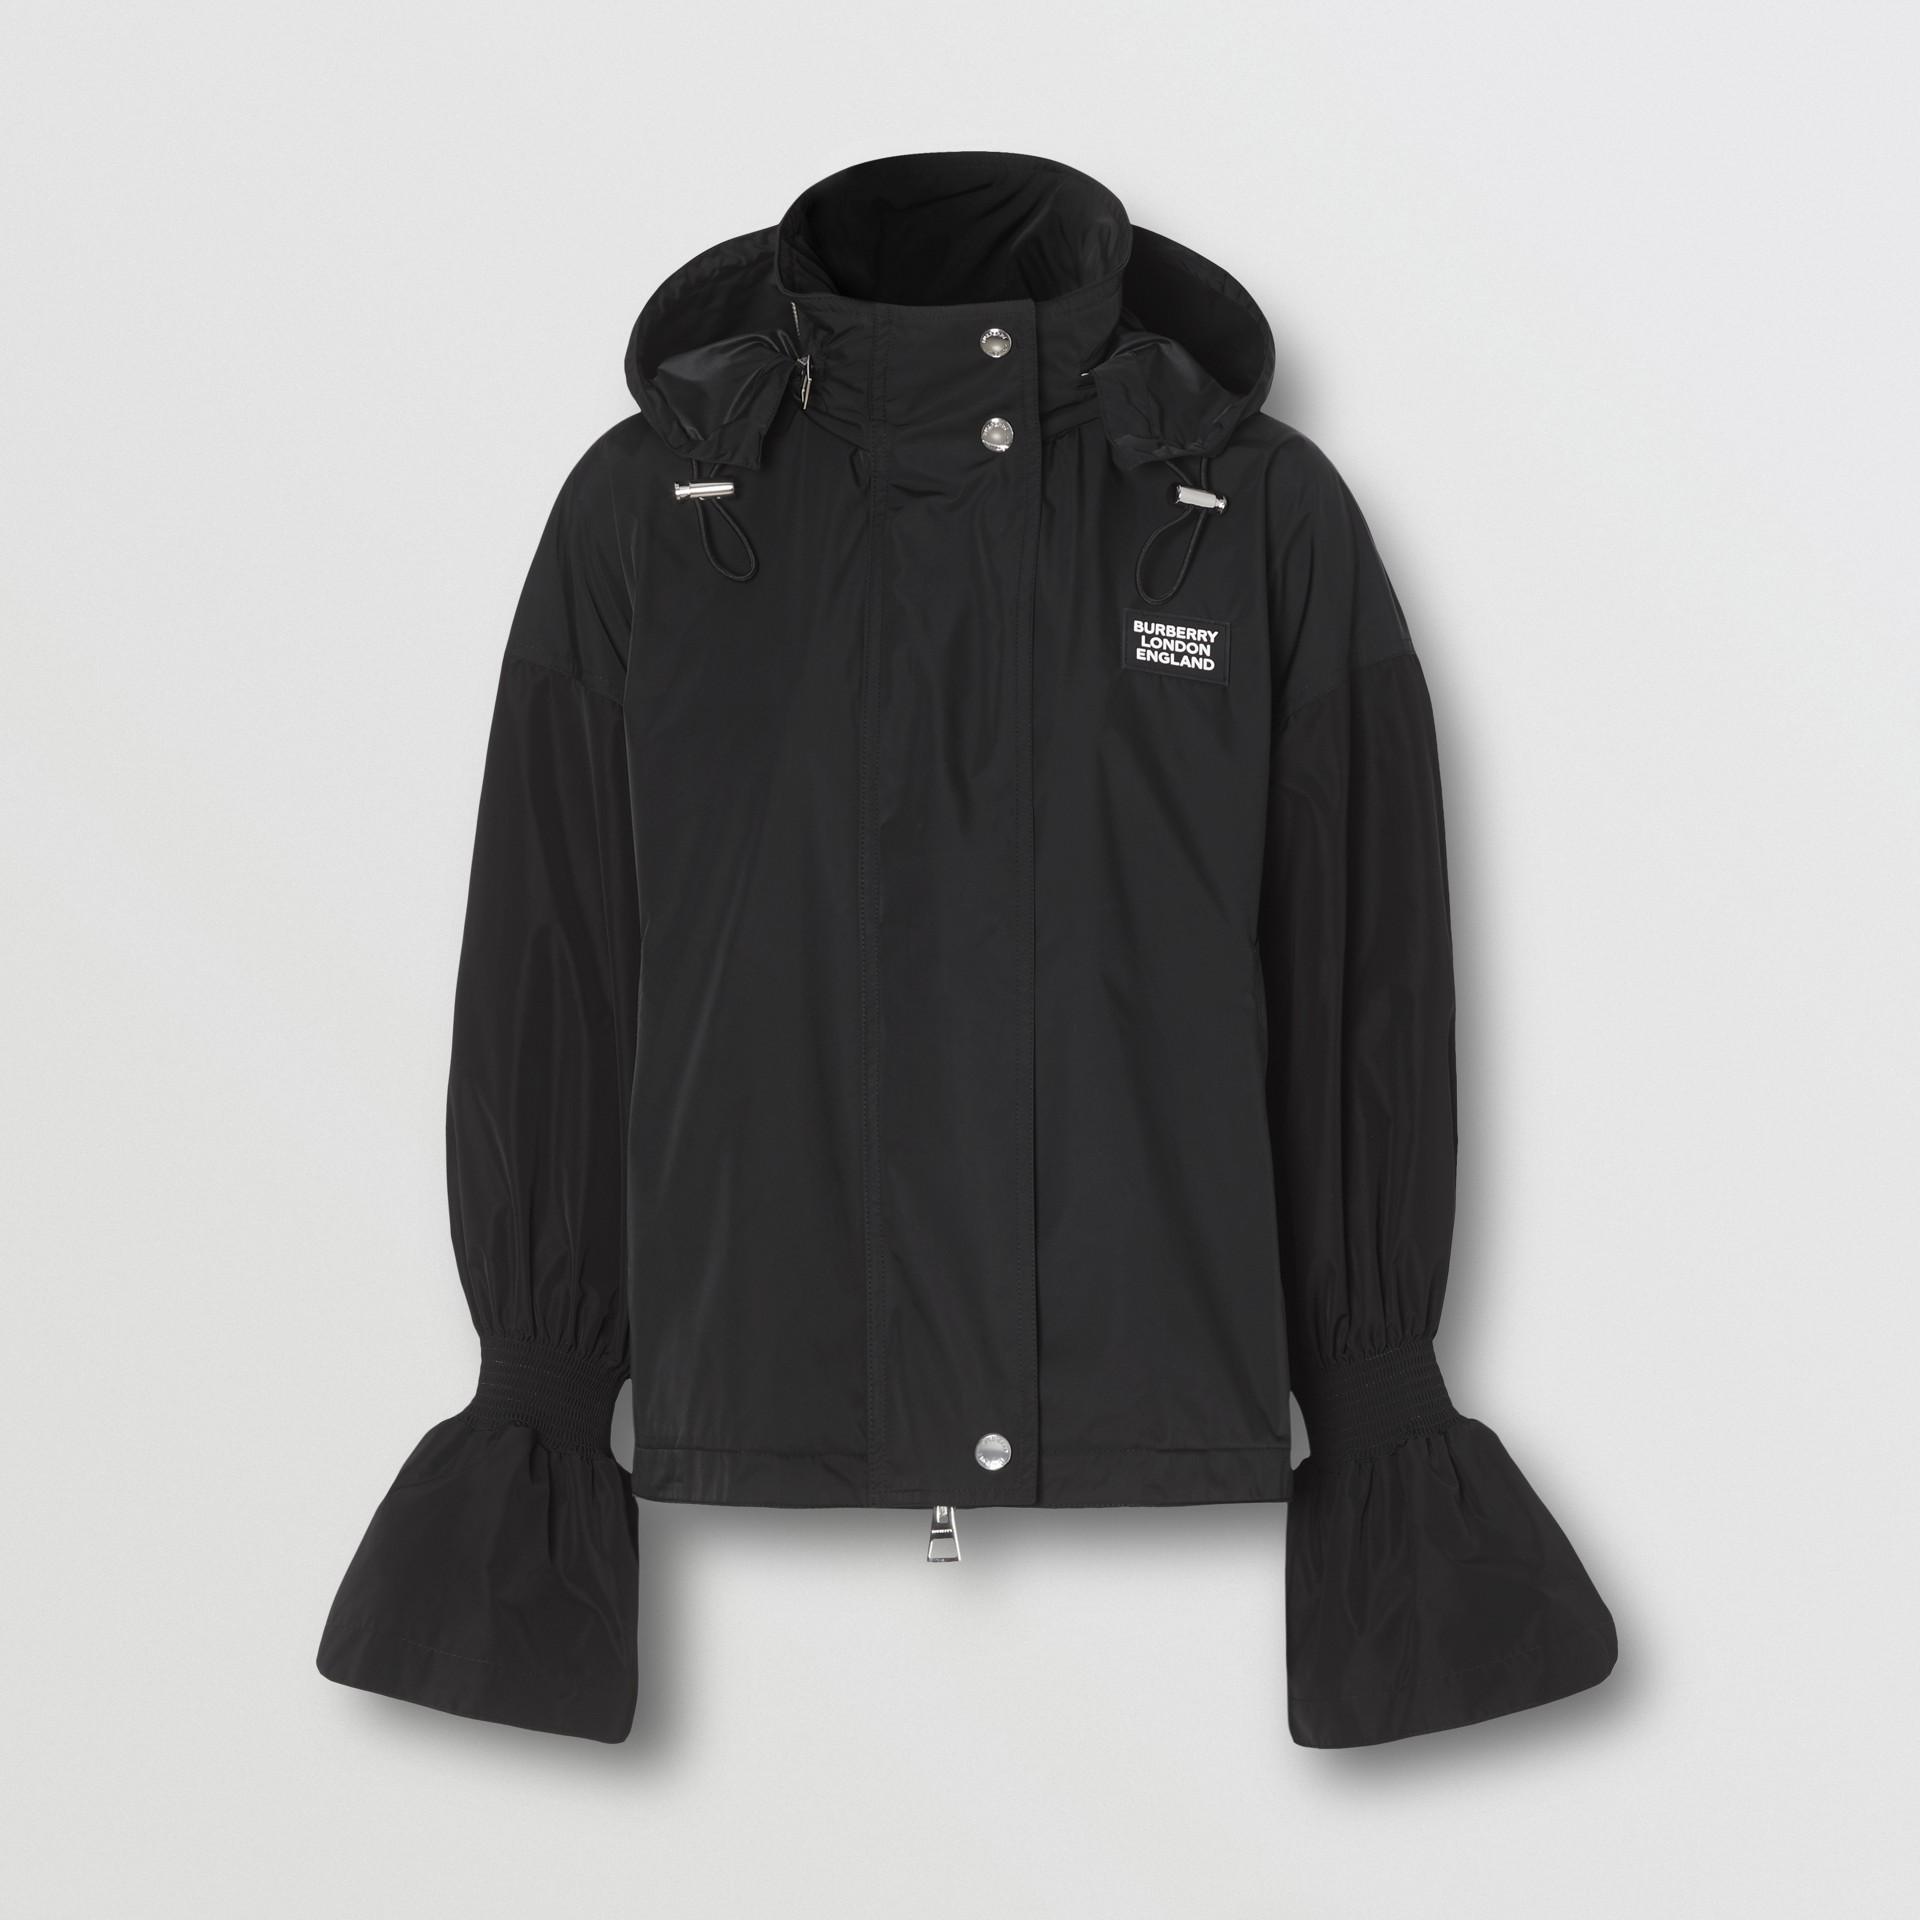 Packaway Hood Bio-based Nylon Jacket in Black - Women | Burberry - gallery image 3